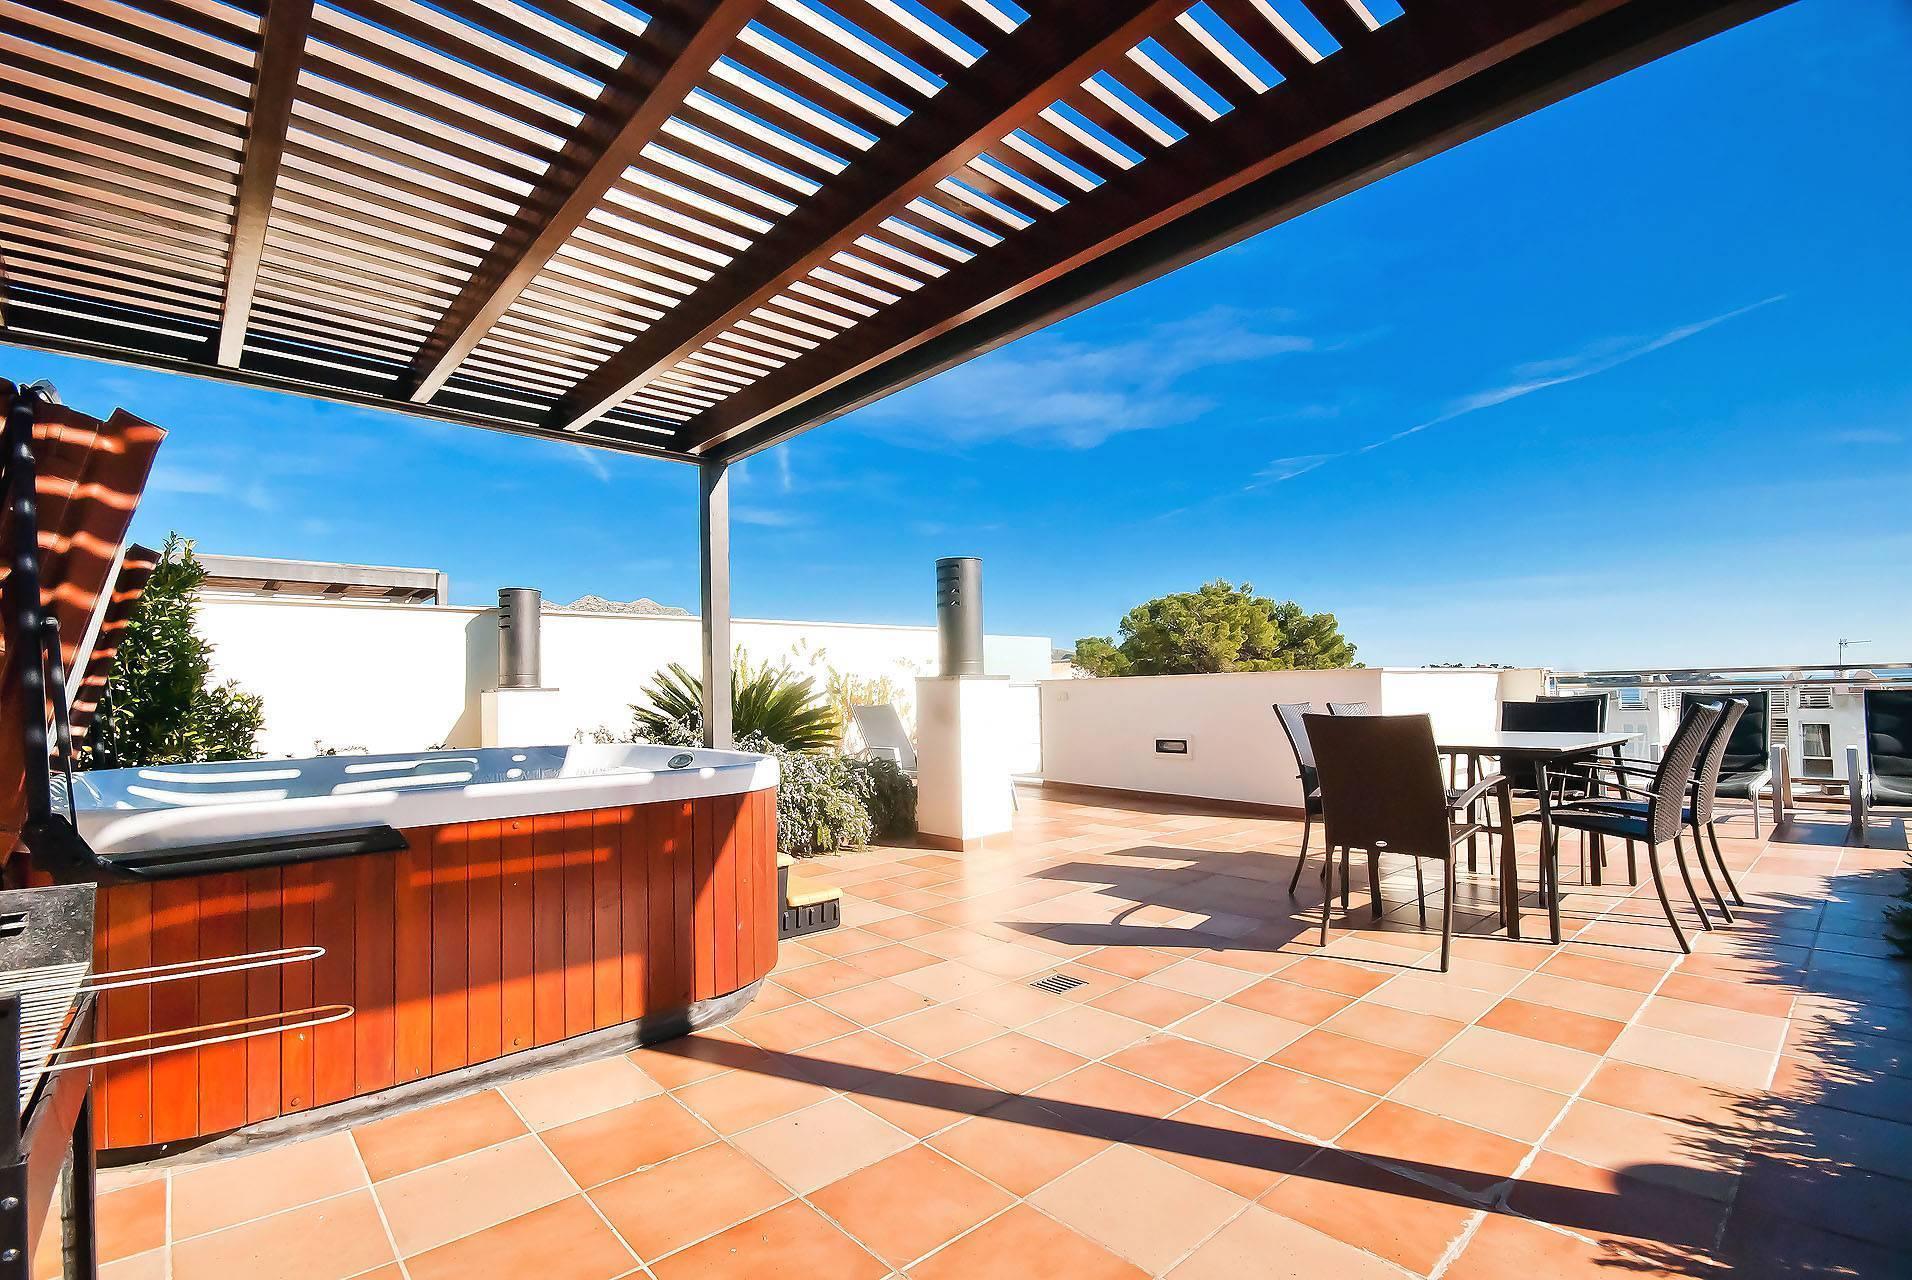 01-203 Luxus Ferienwohnung Mallorca Norden Bild 4